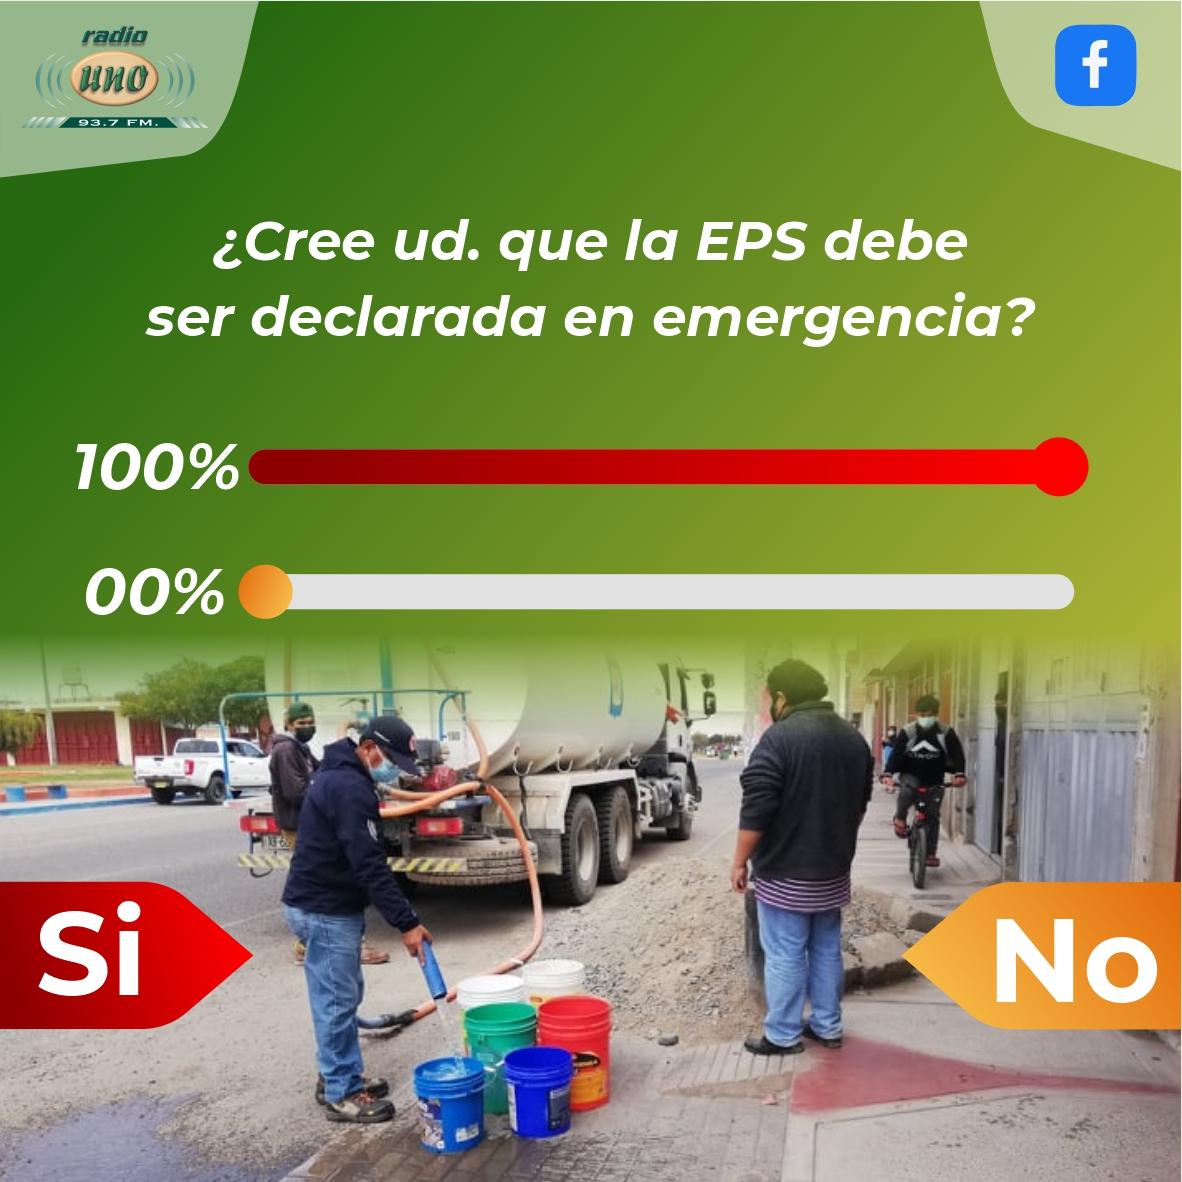 ¿Cree ud. que la EPS debe ser declarada en emergencia?